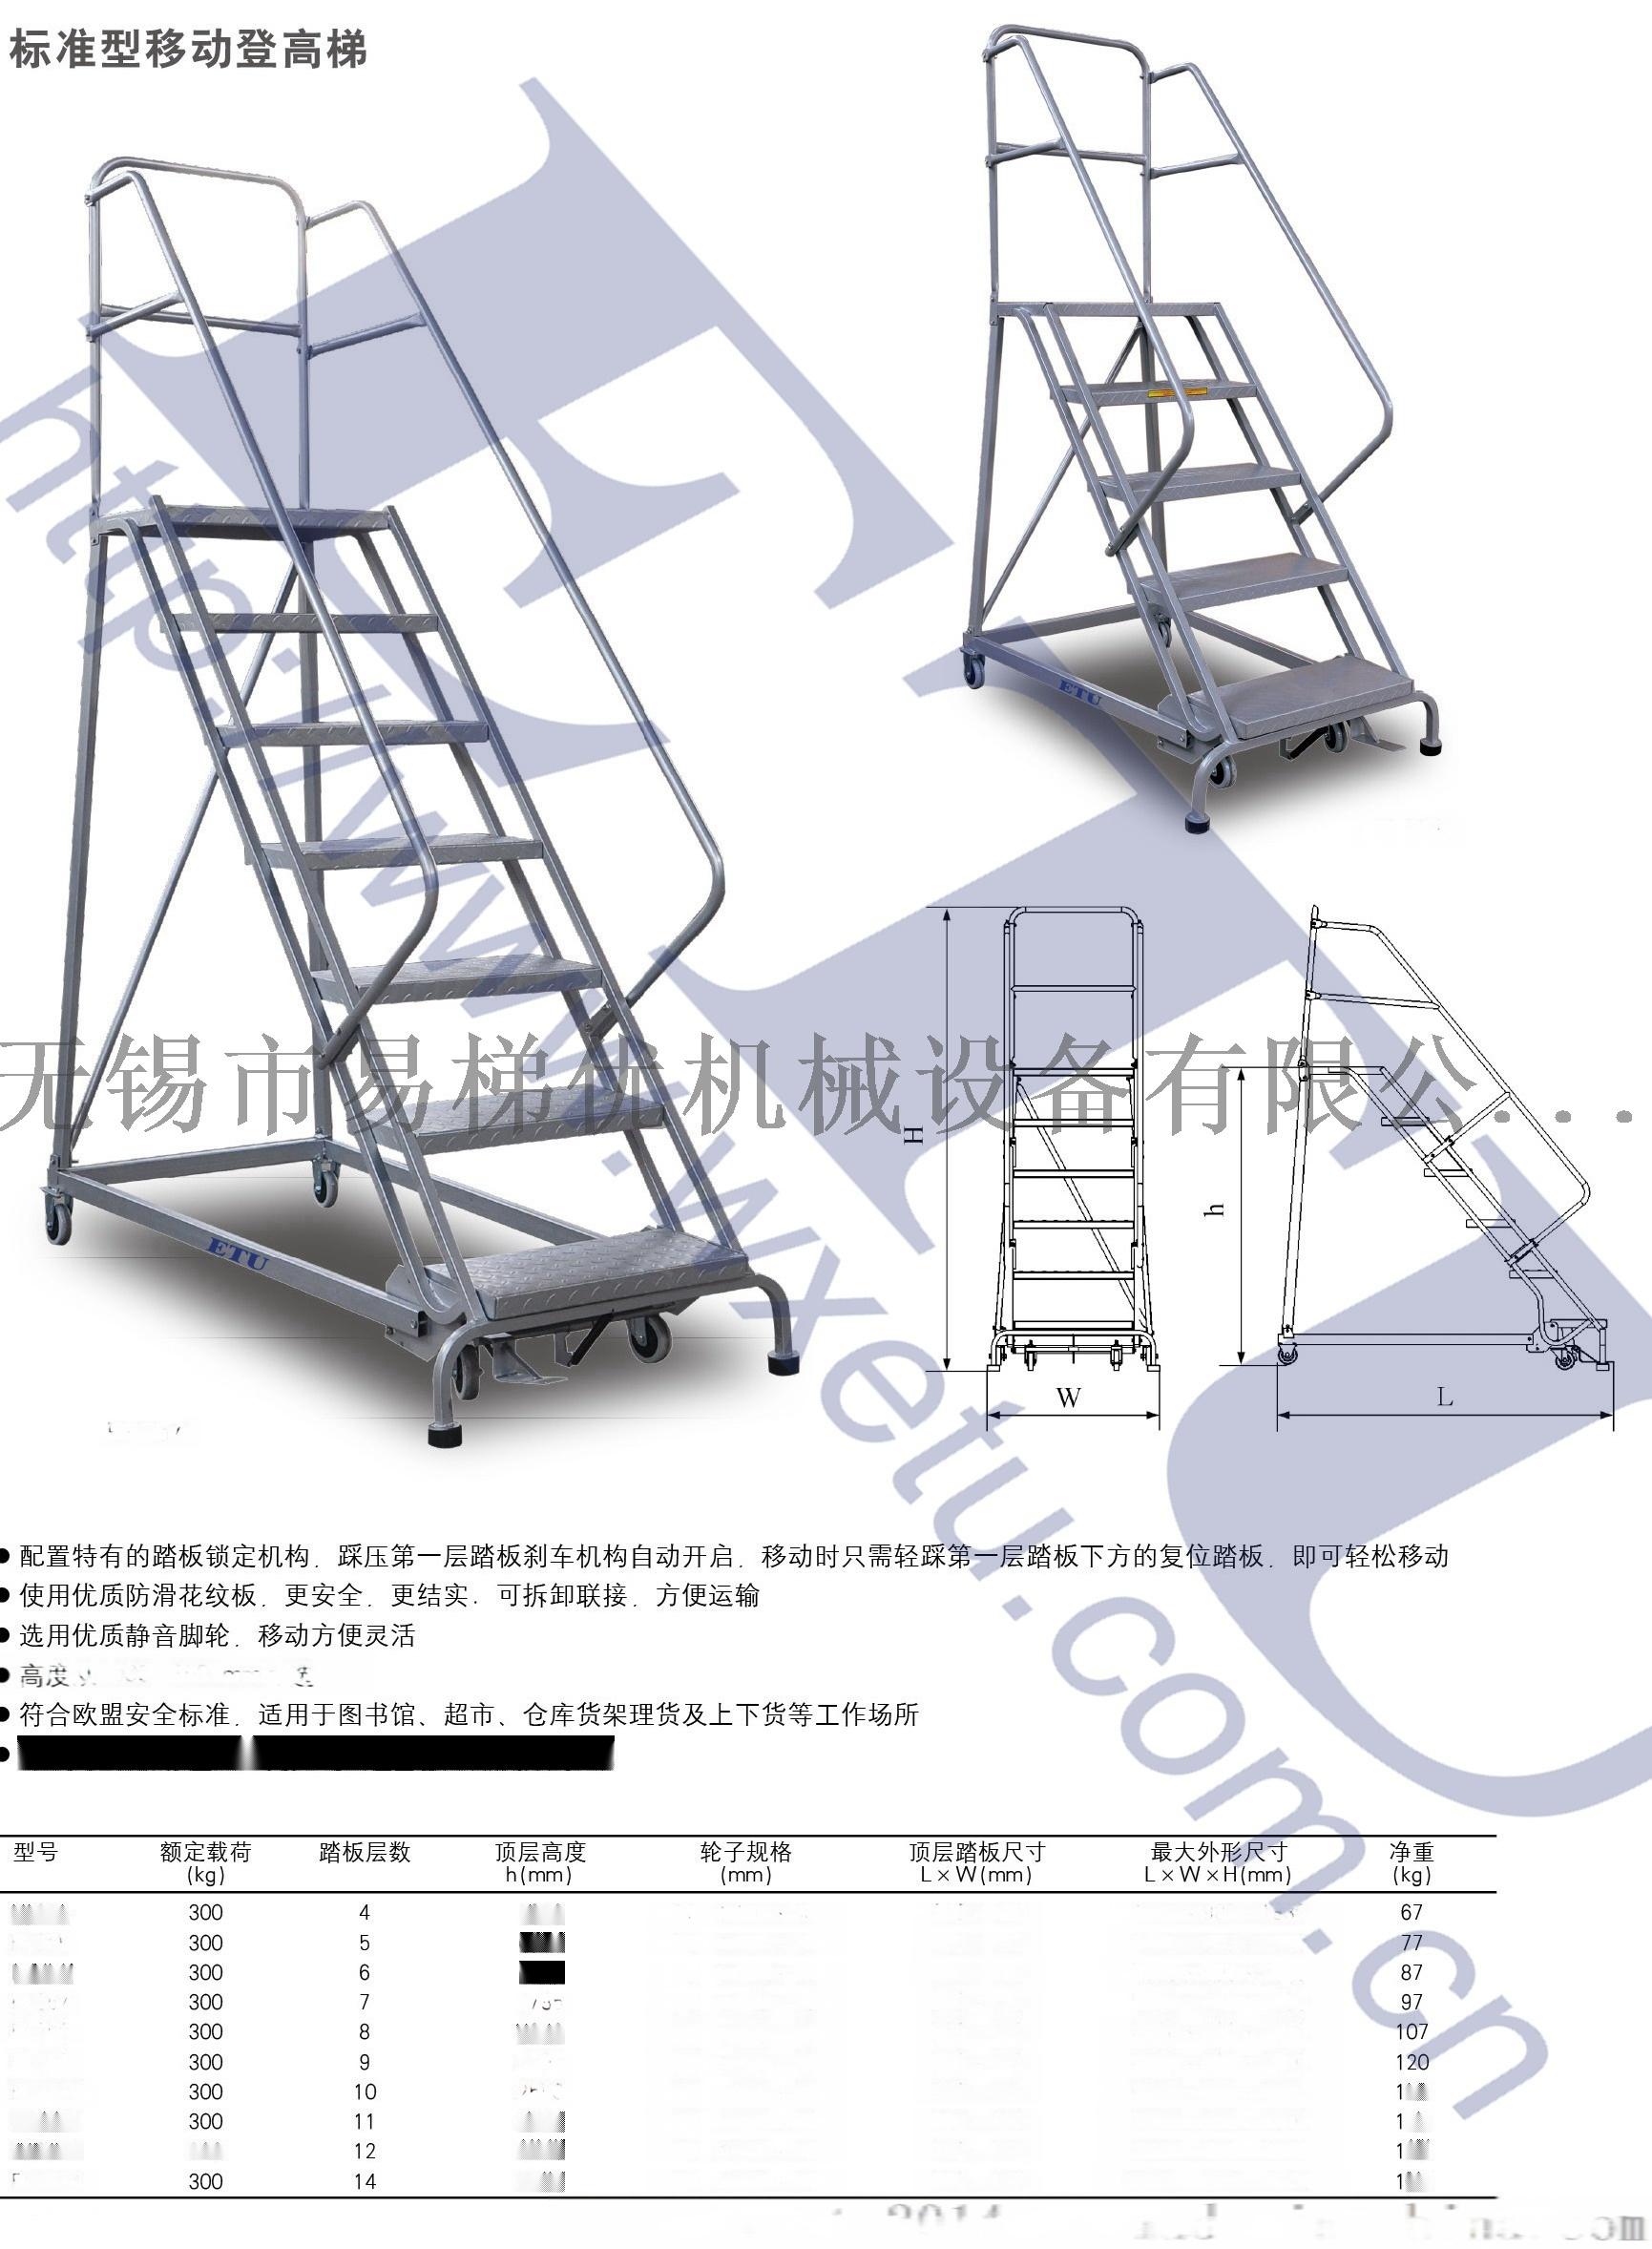 ETU易梯优|欧式移动梯|带安全链条 自锁刹车70558225